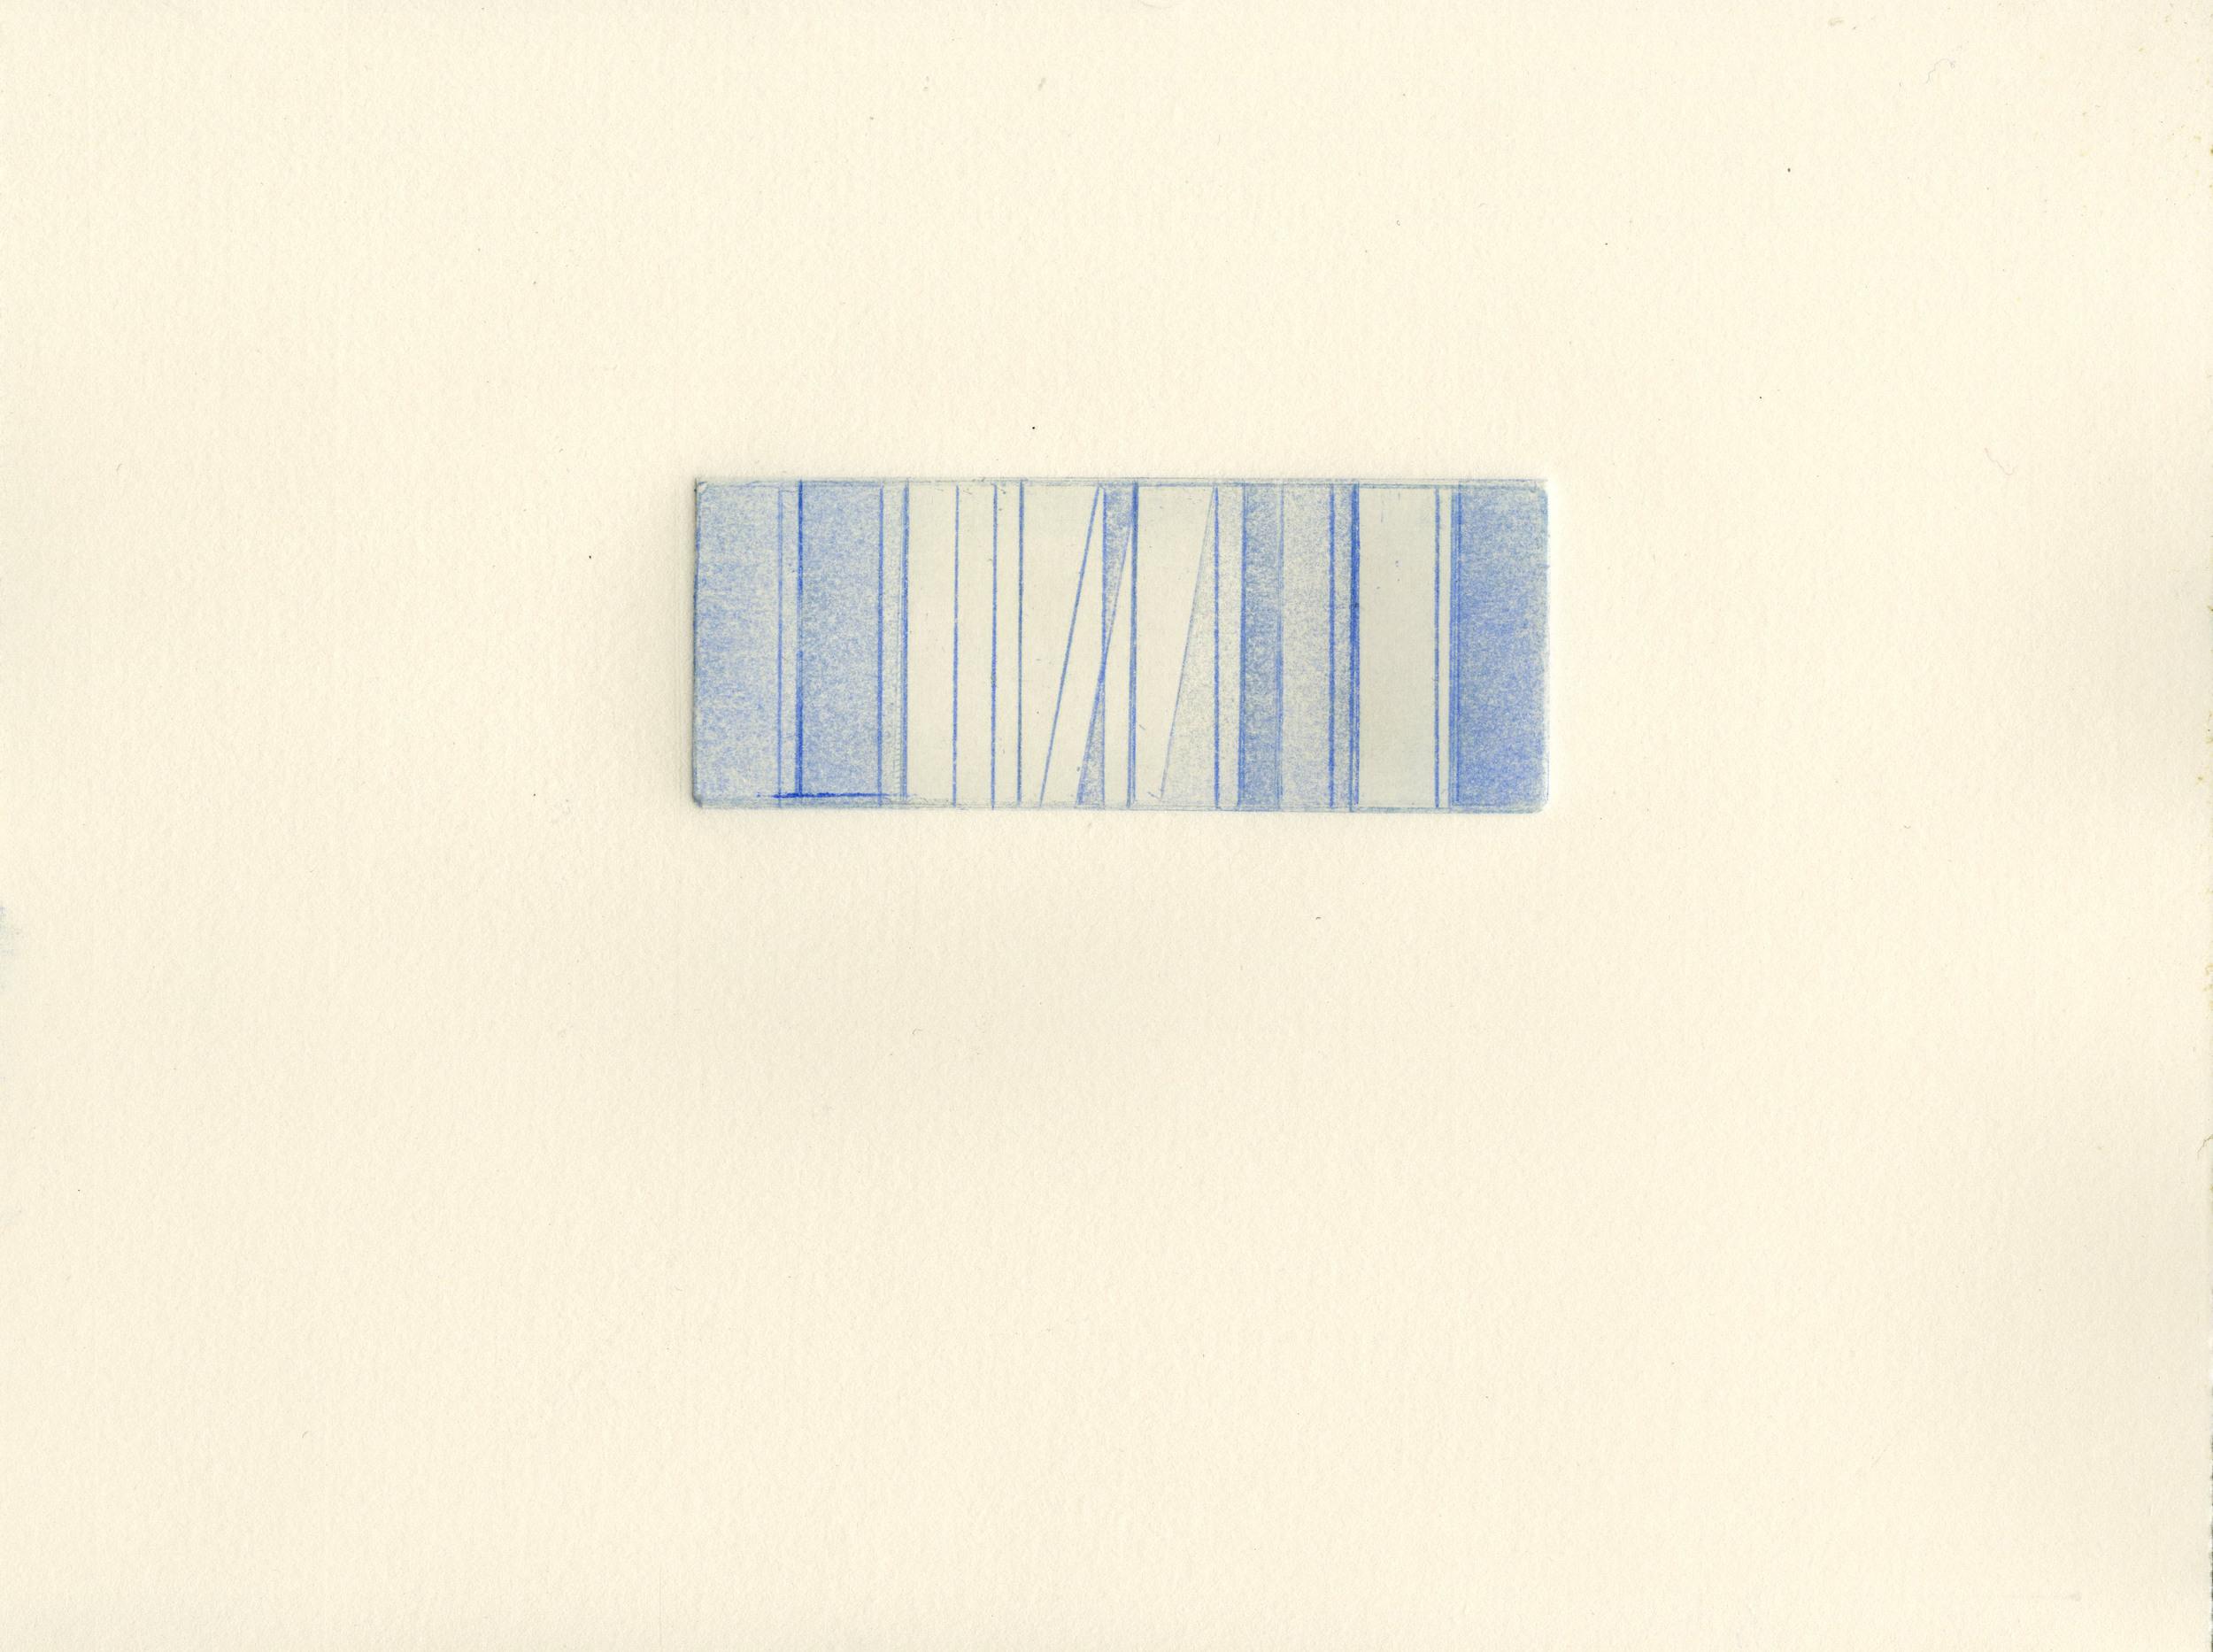 rectangle010.jpg